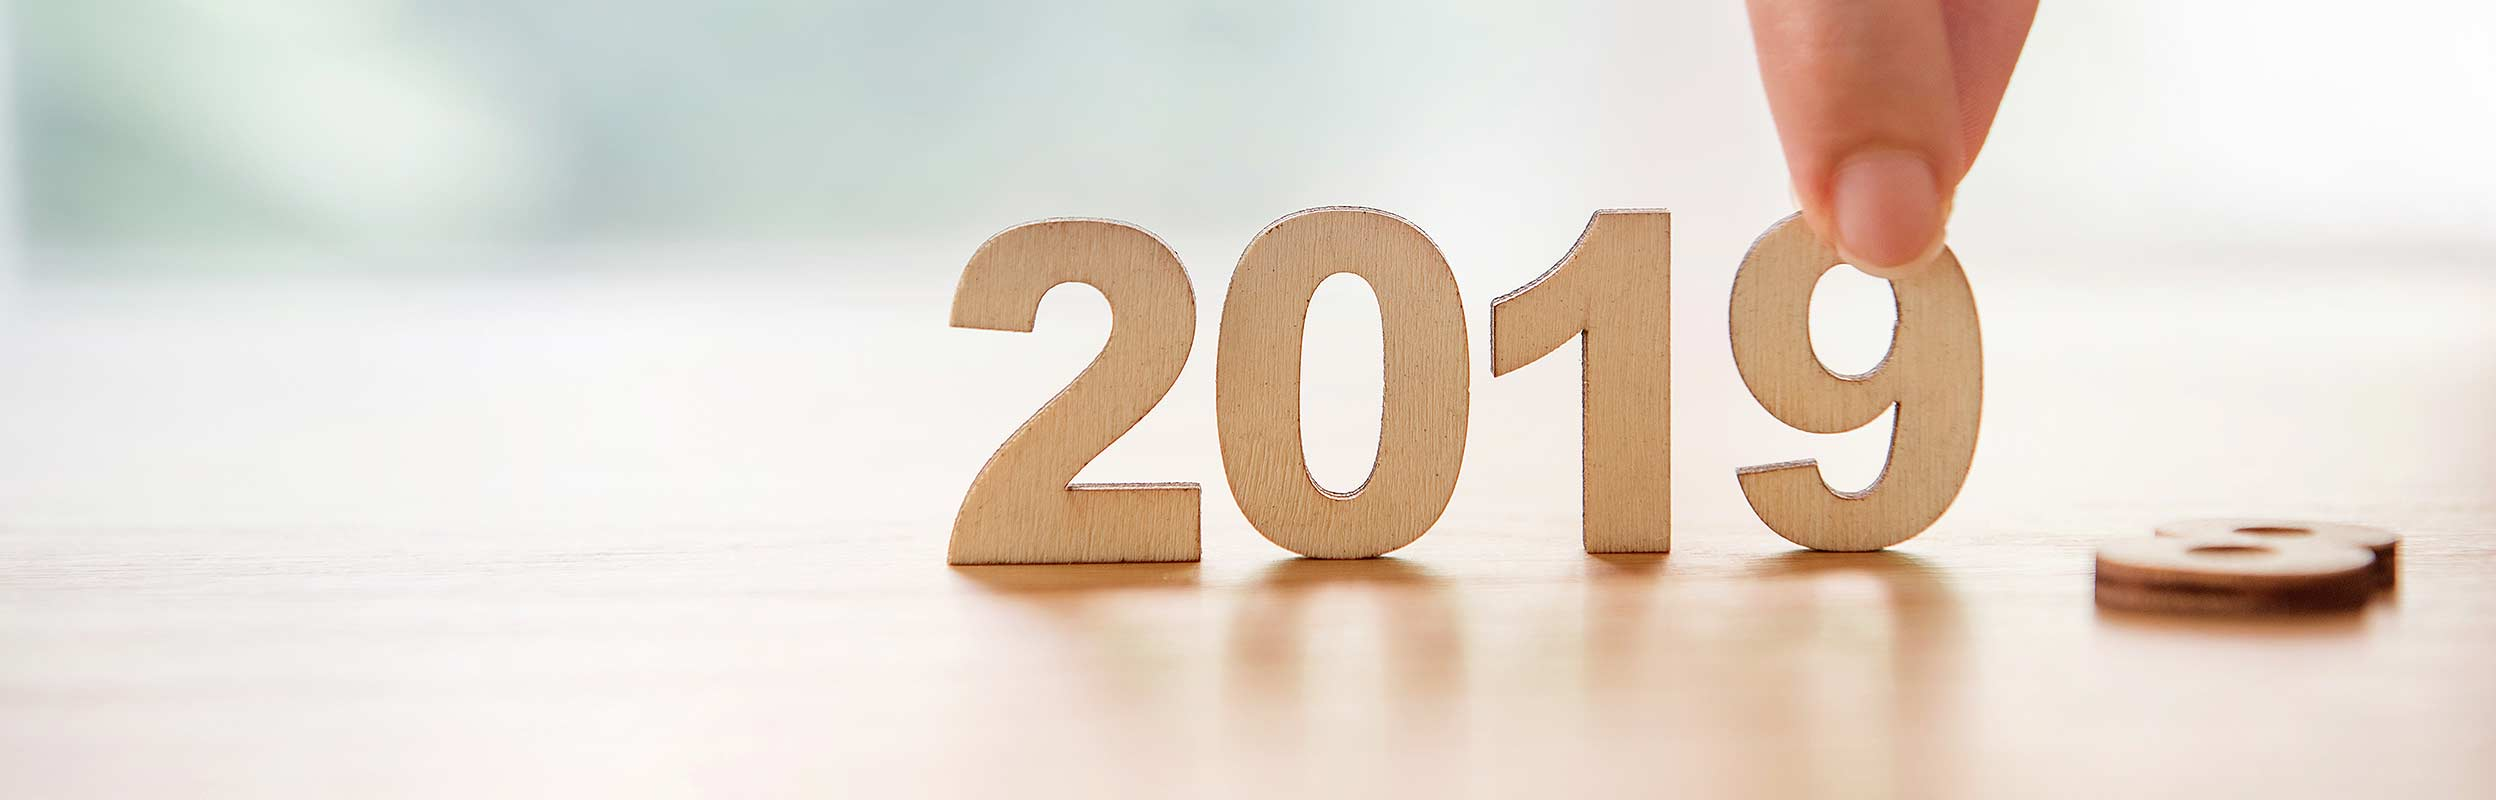 Entreprises : quels changements en 2019 ?